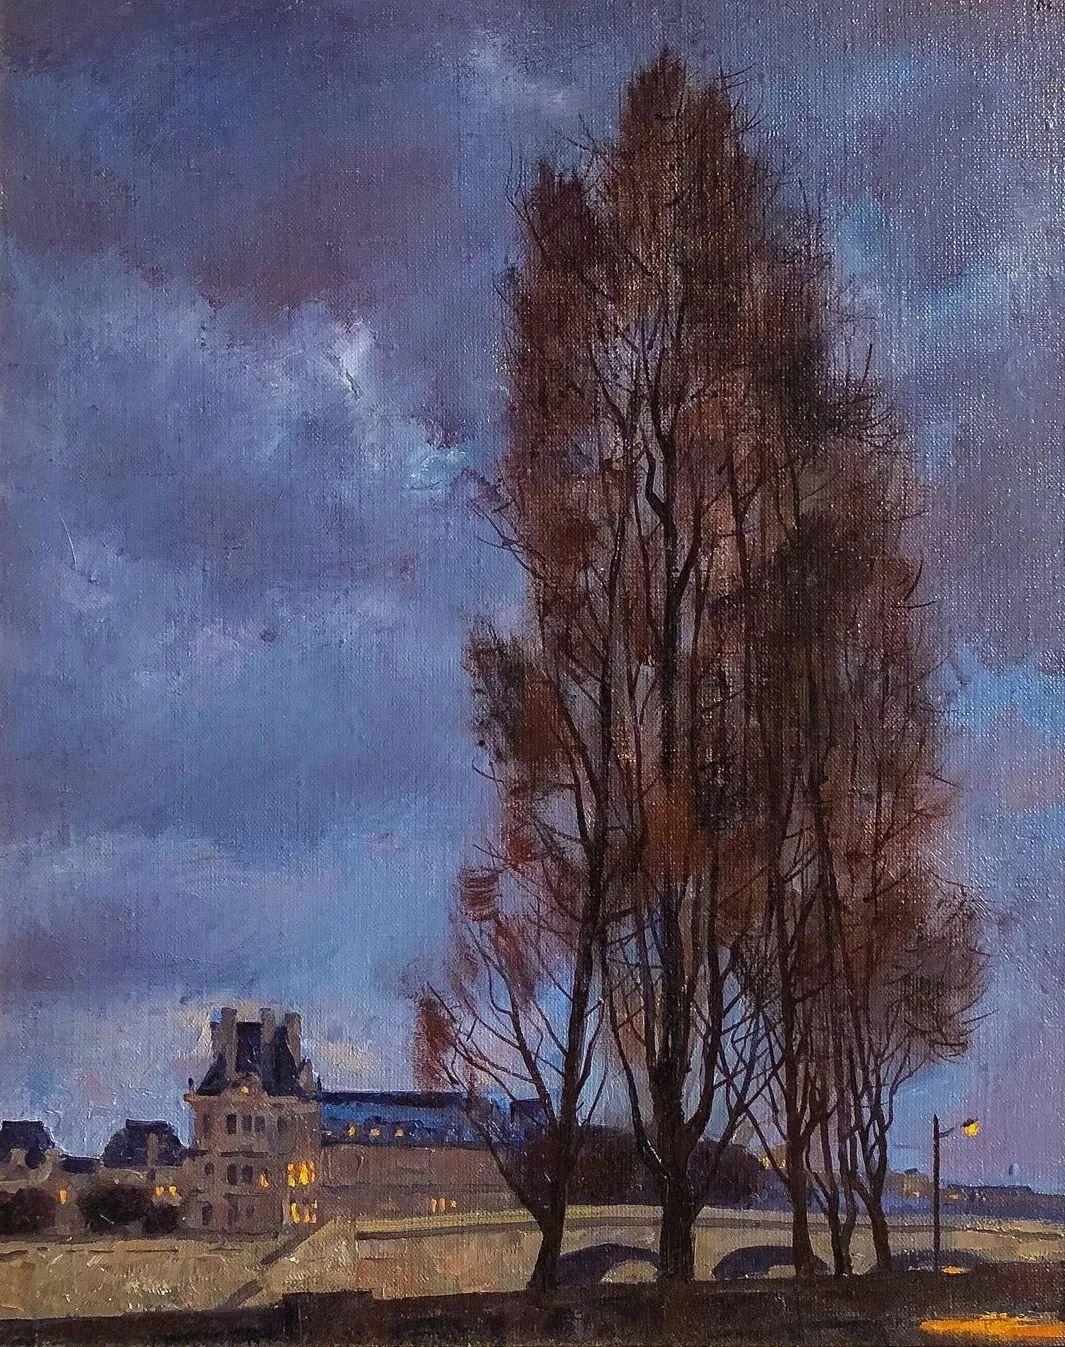 风景与人物,列宾美院教授康斯坦丁·格拉切夫插图67